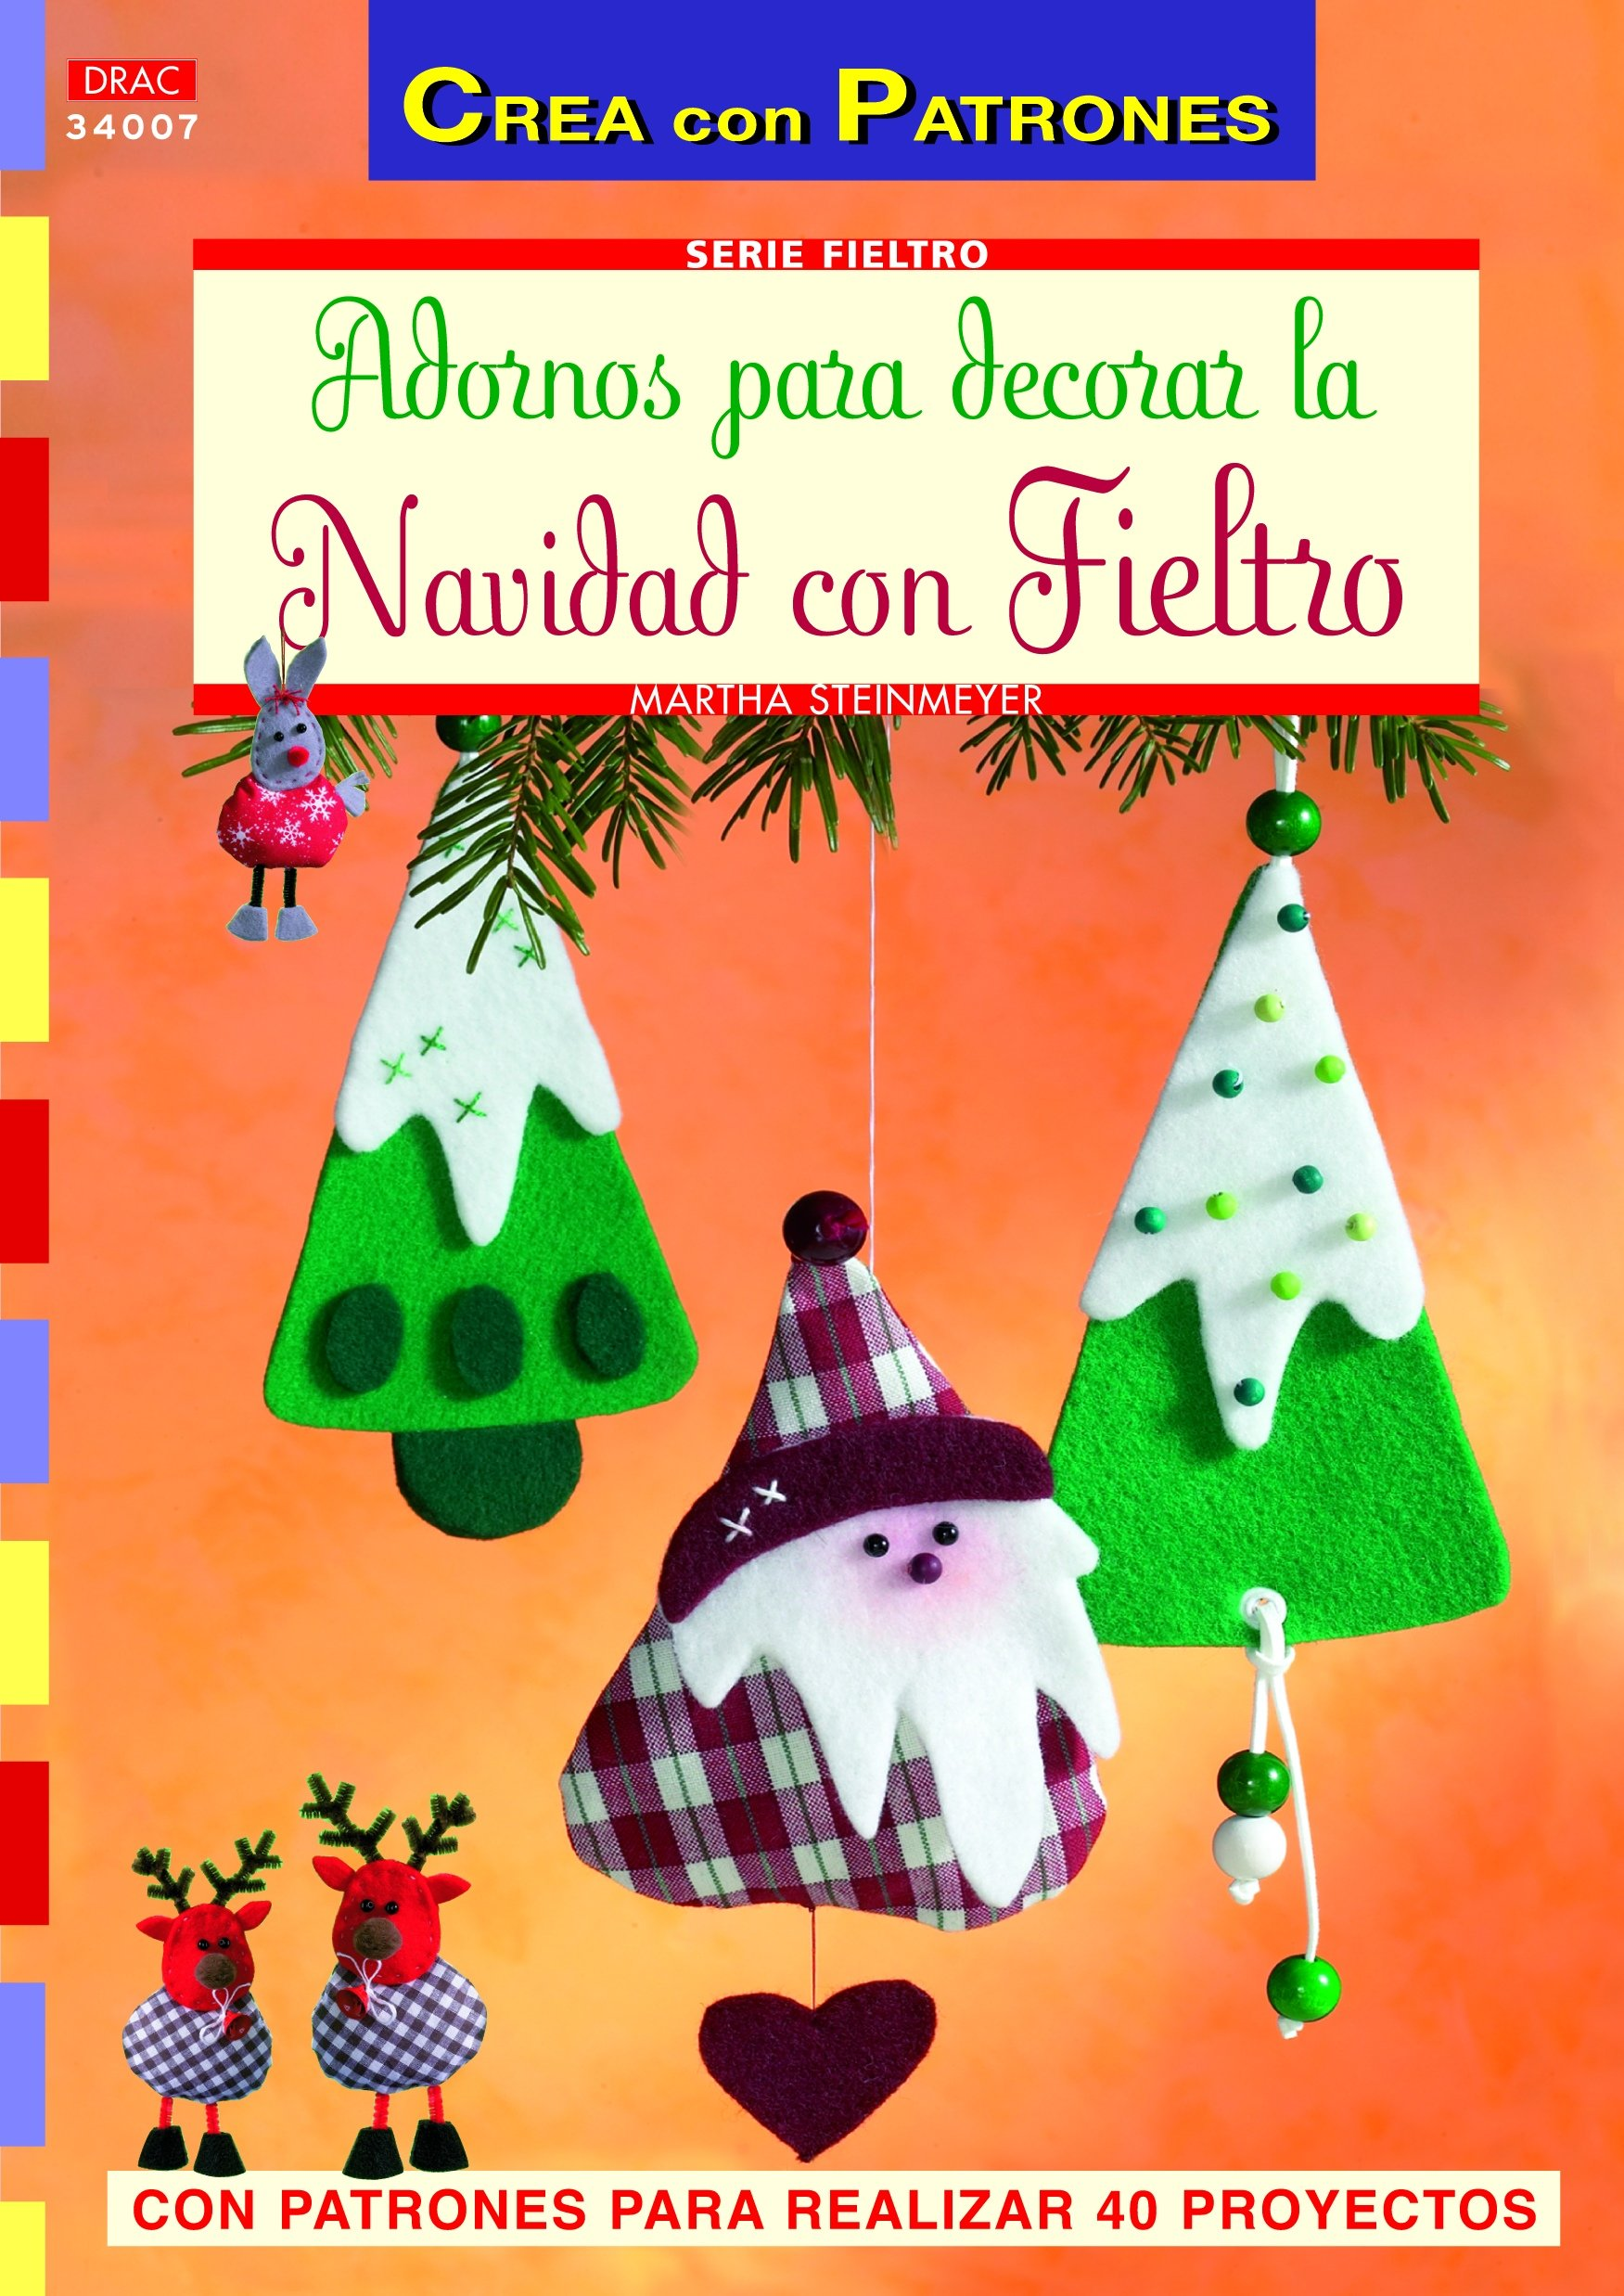 Adornos para decorar la casa en Navidad con fieltro (Spanish) Paperback – October 1, 2012